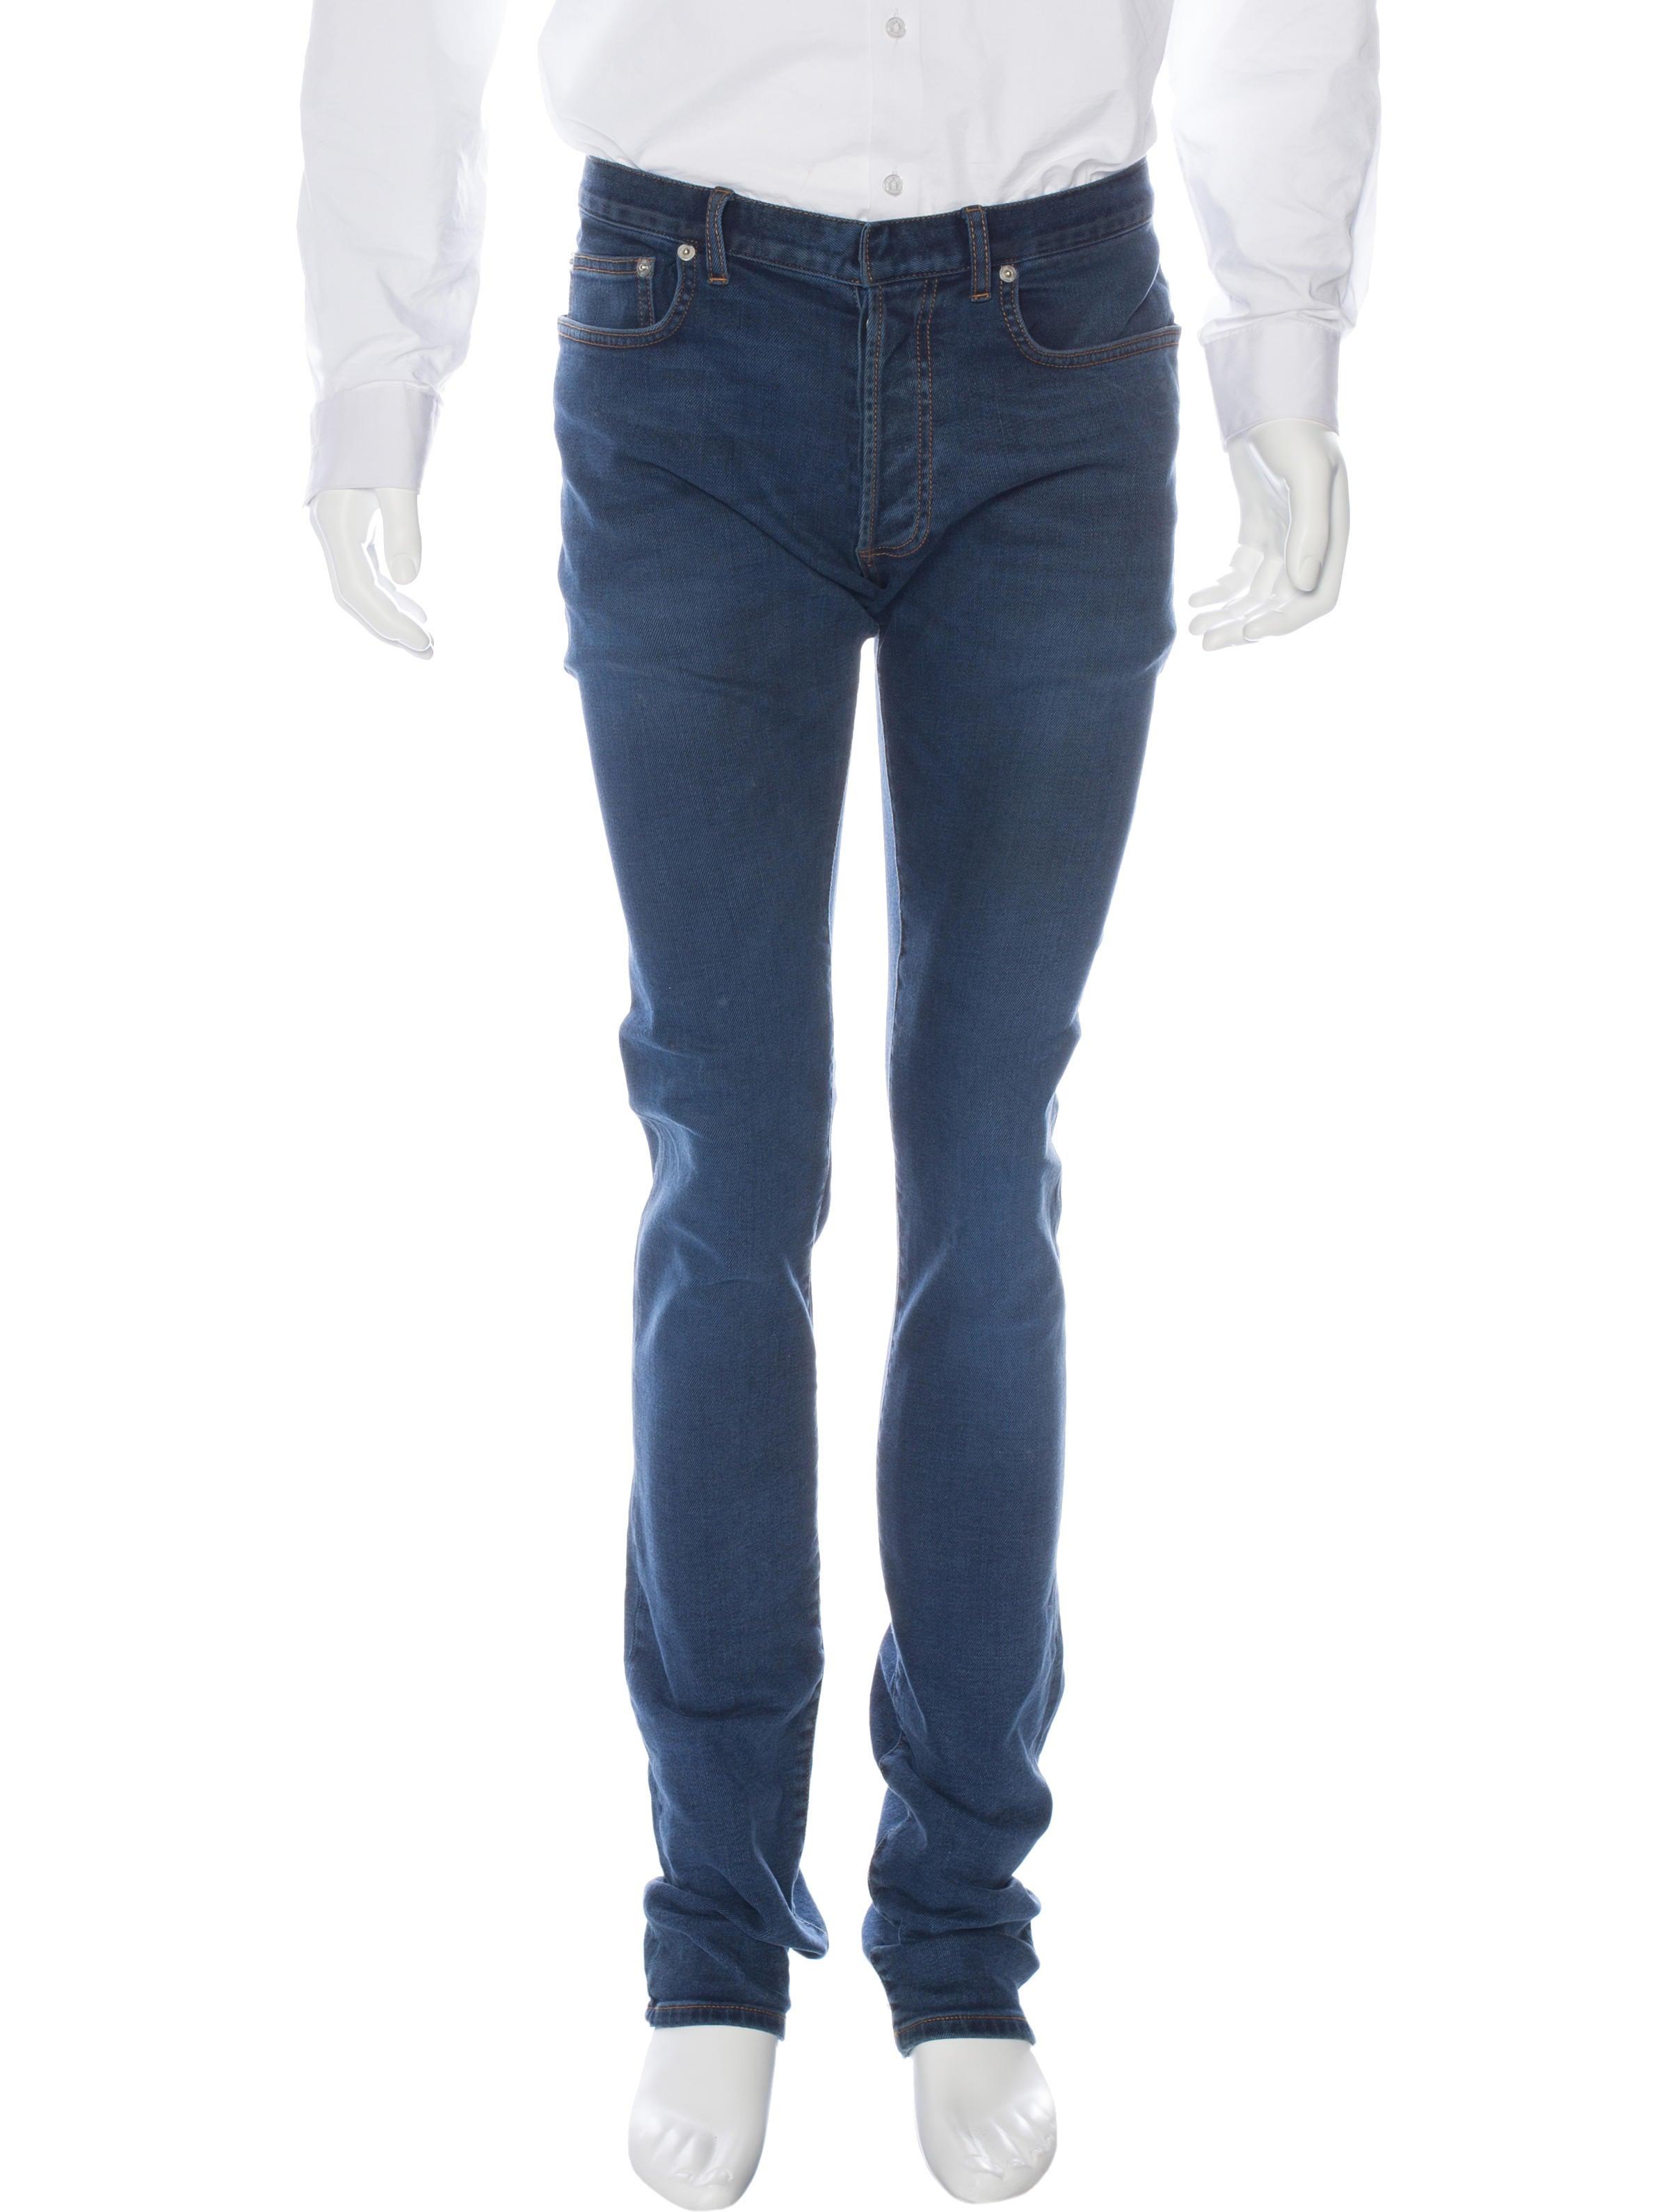 dior homme five pocket skinny jeans clothing hmm23251 the realreal. Black Bedroom Furniture Sets. Home Design Ideas